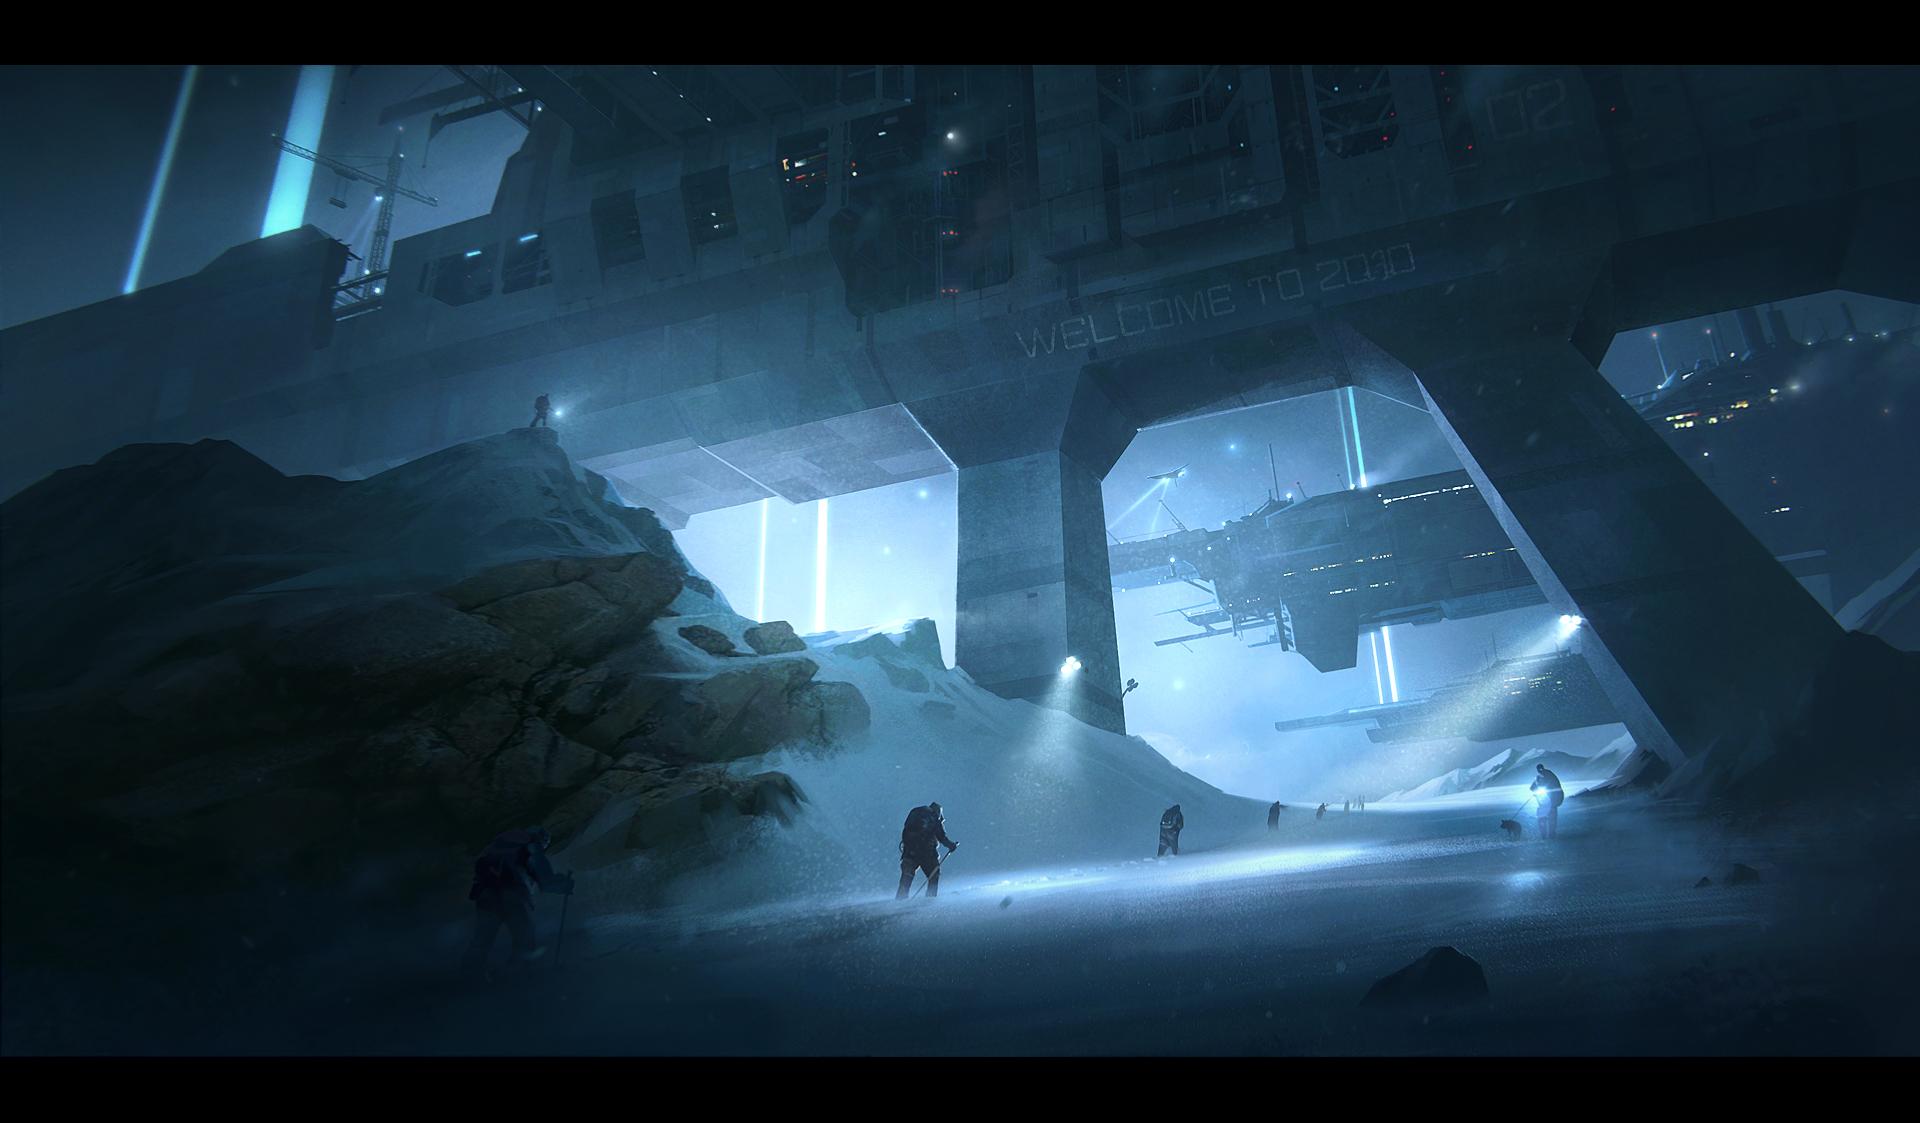 Sci Fi Wallpaper 9336 1920x1123 px HDWallSource